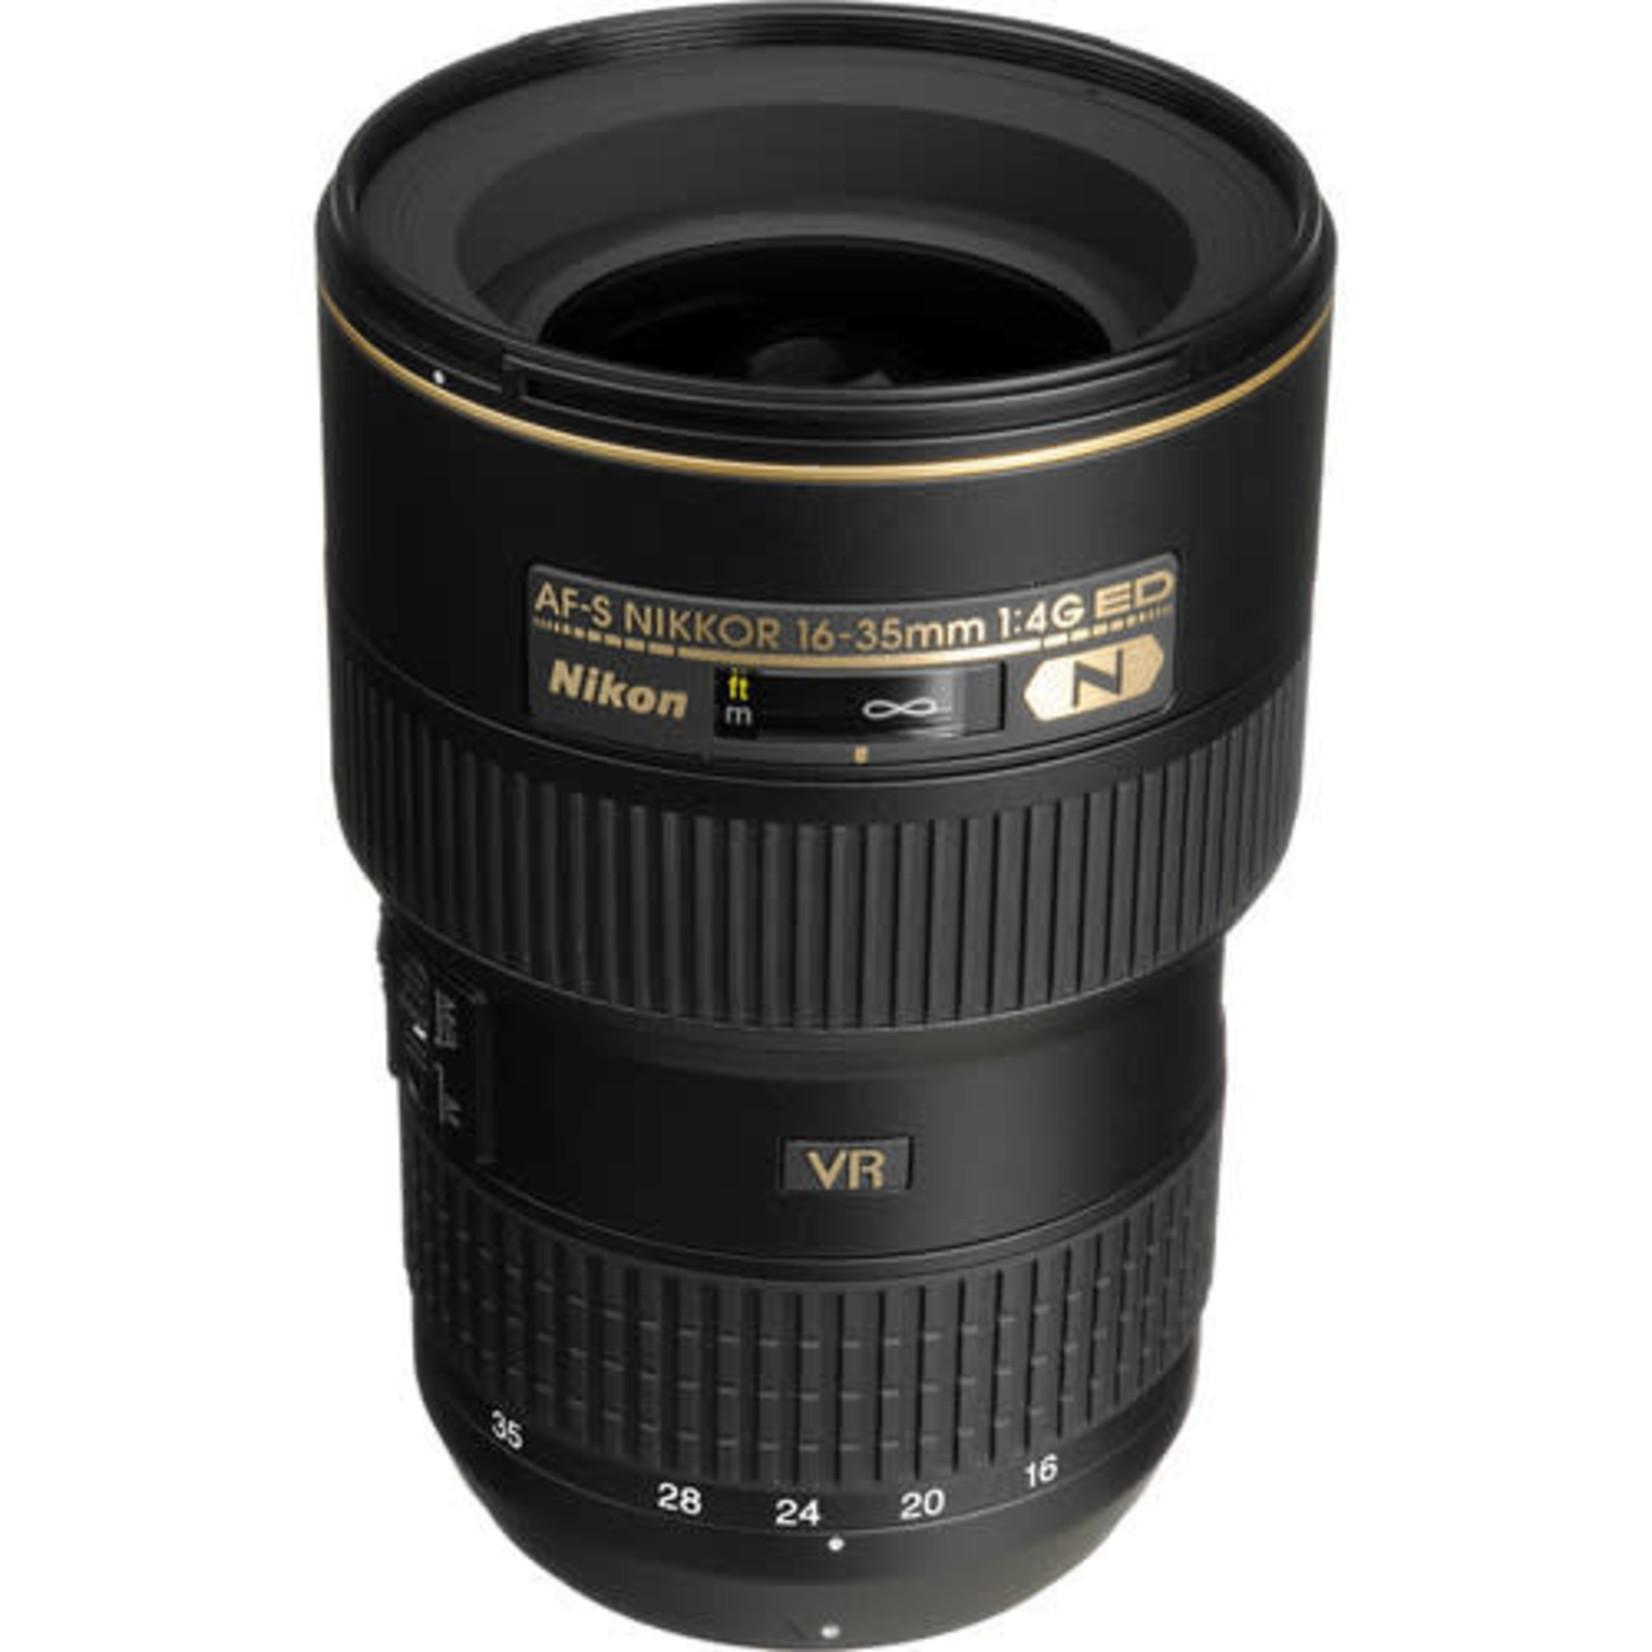 Nikon Nikon AF-S NIKKOR 16-35mm f/4G ED VR Lens